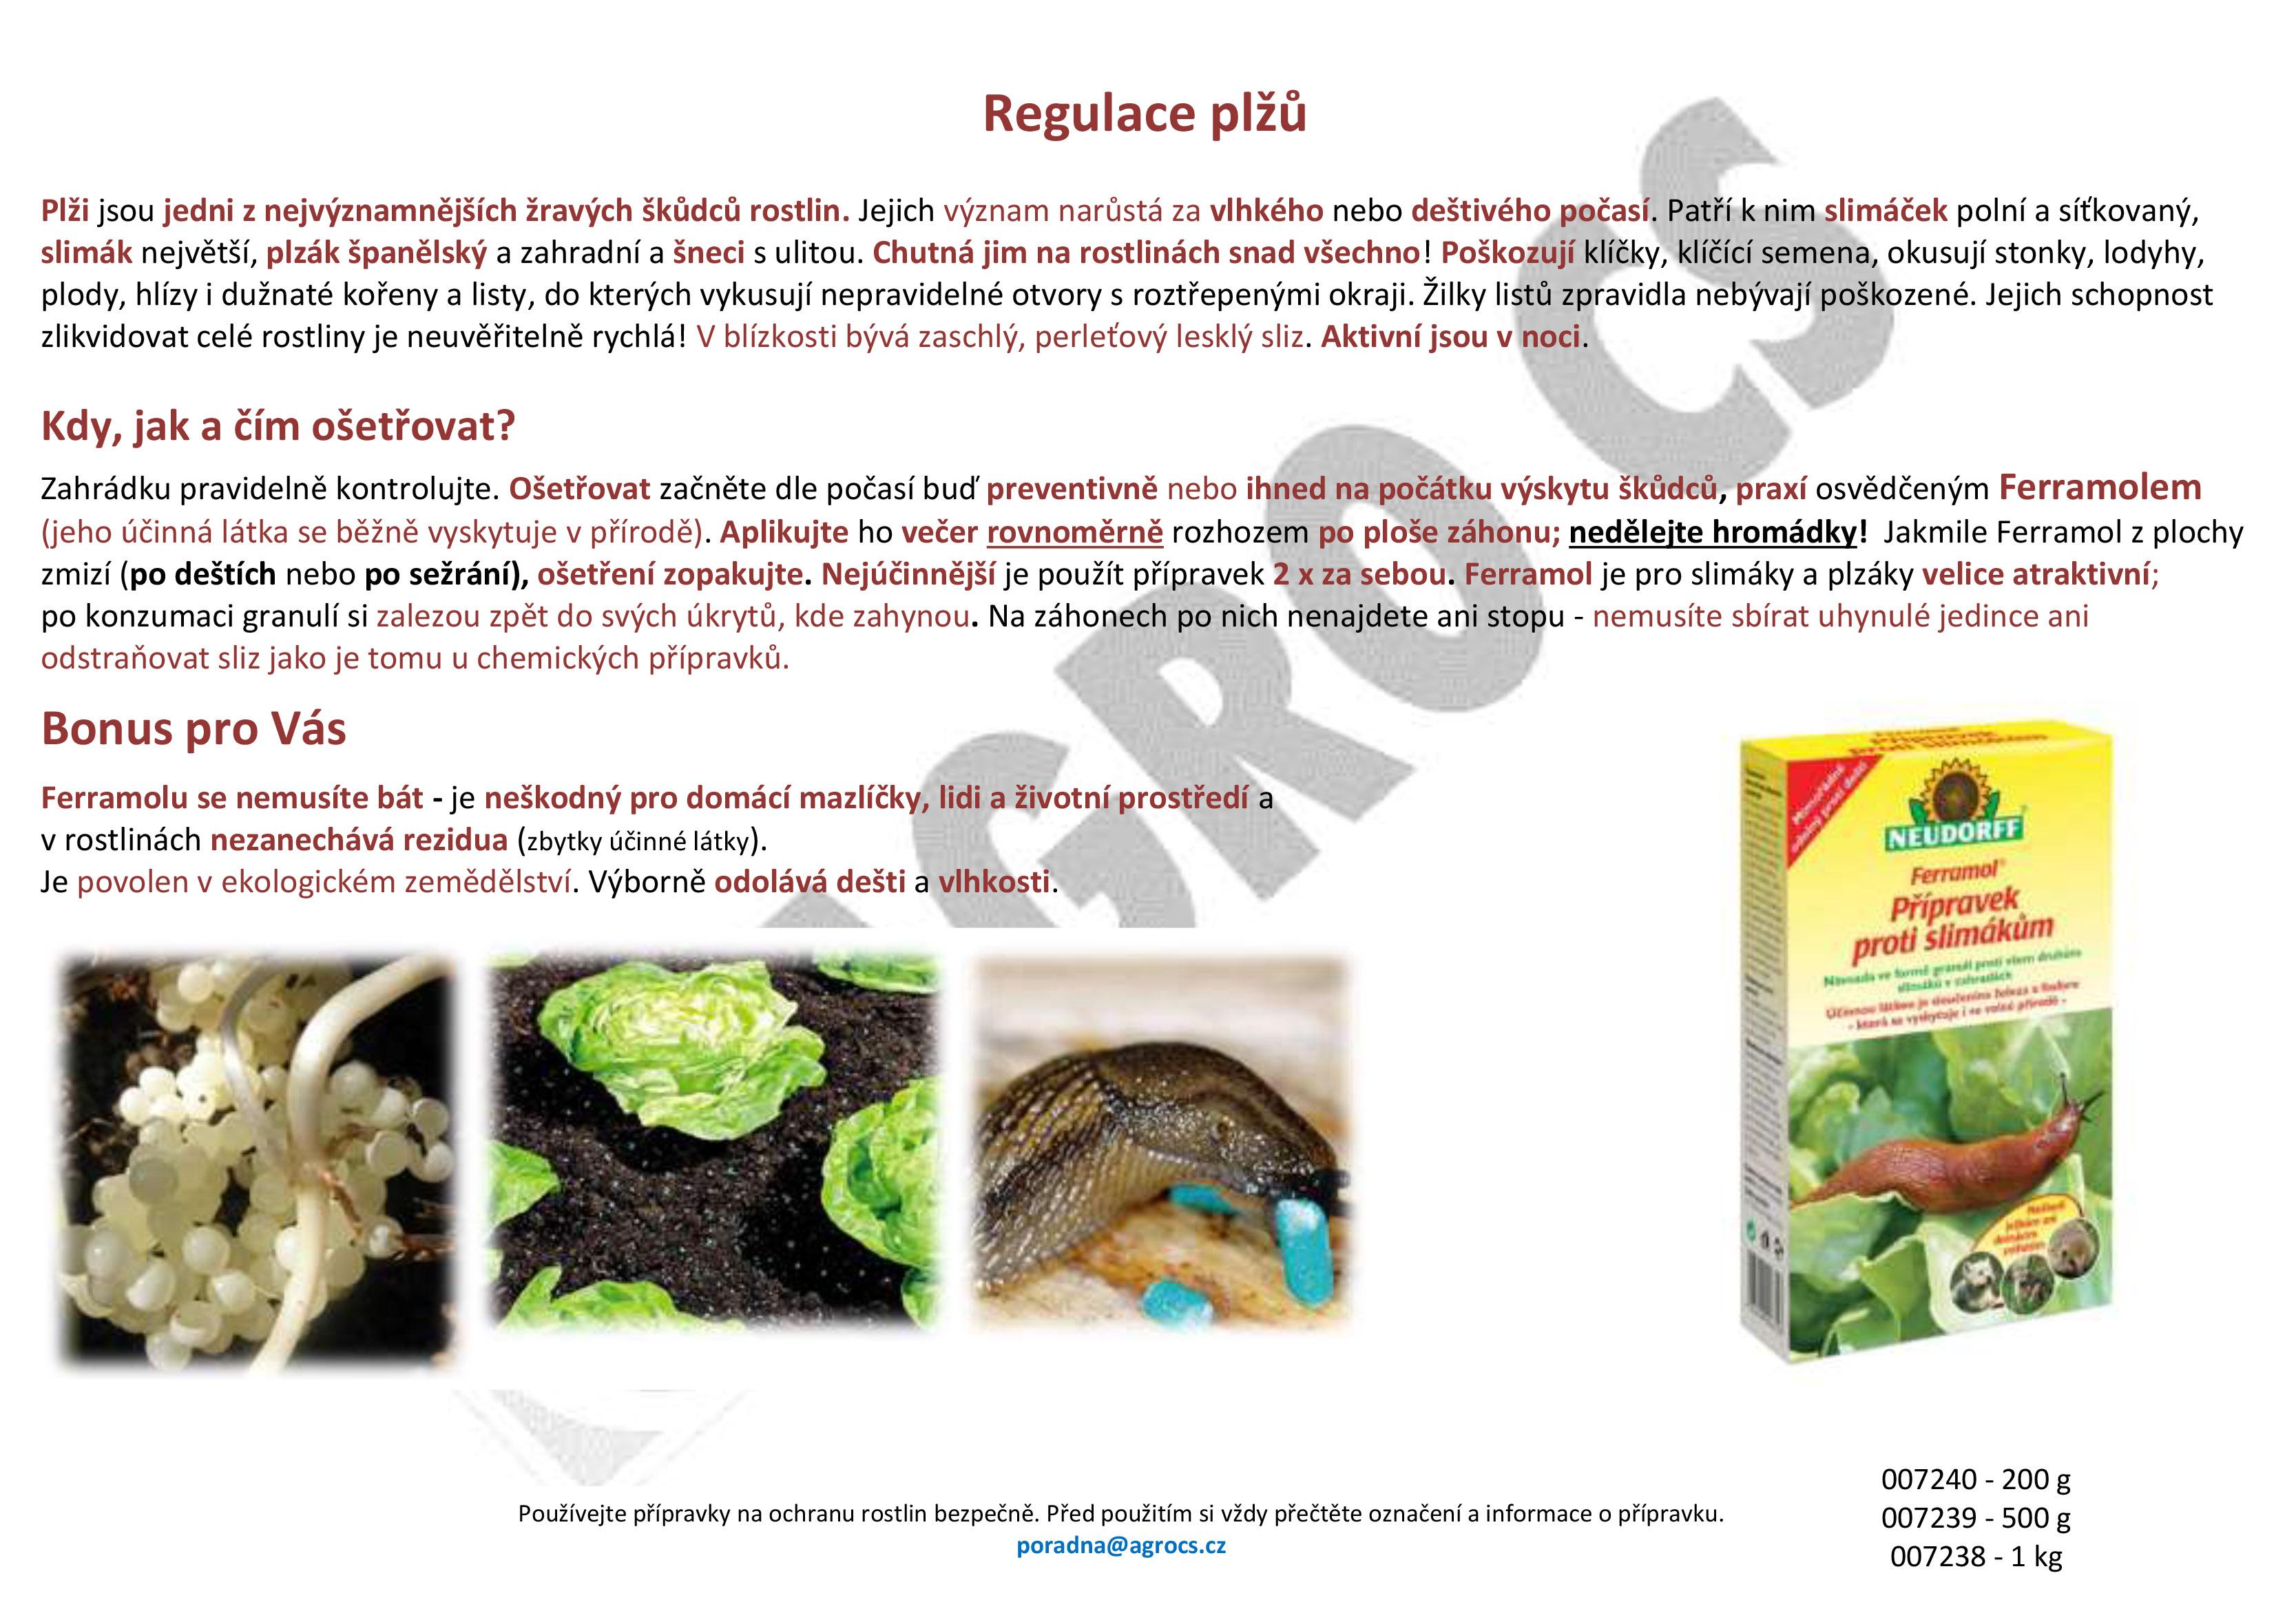 Zbavte se slimáků a jiných plžů účinně a ekologicky